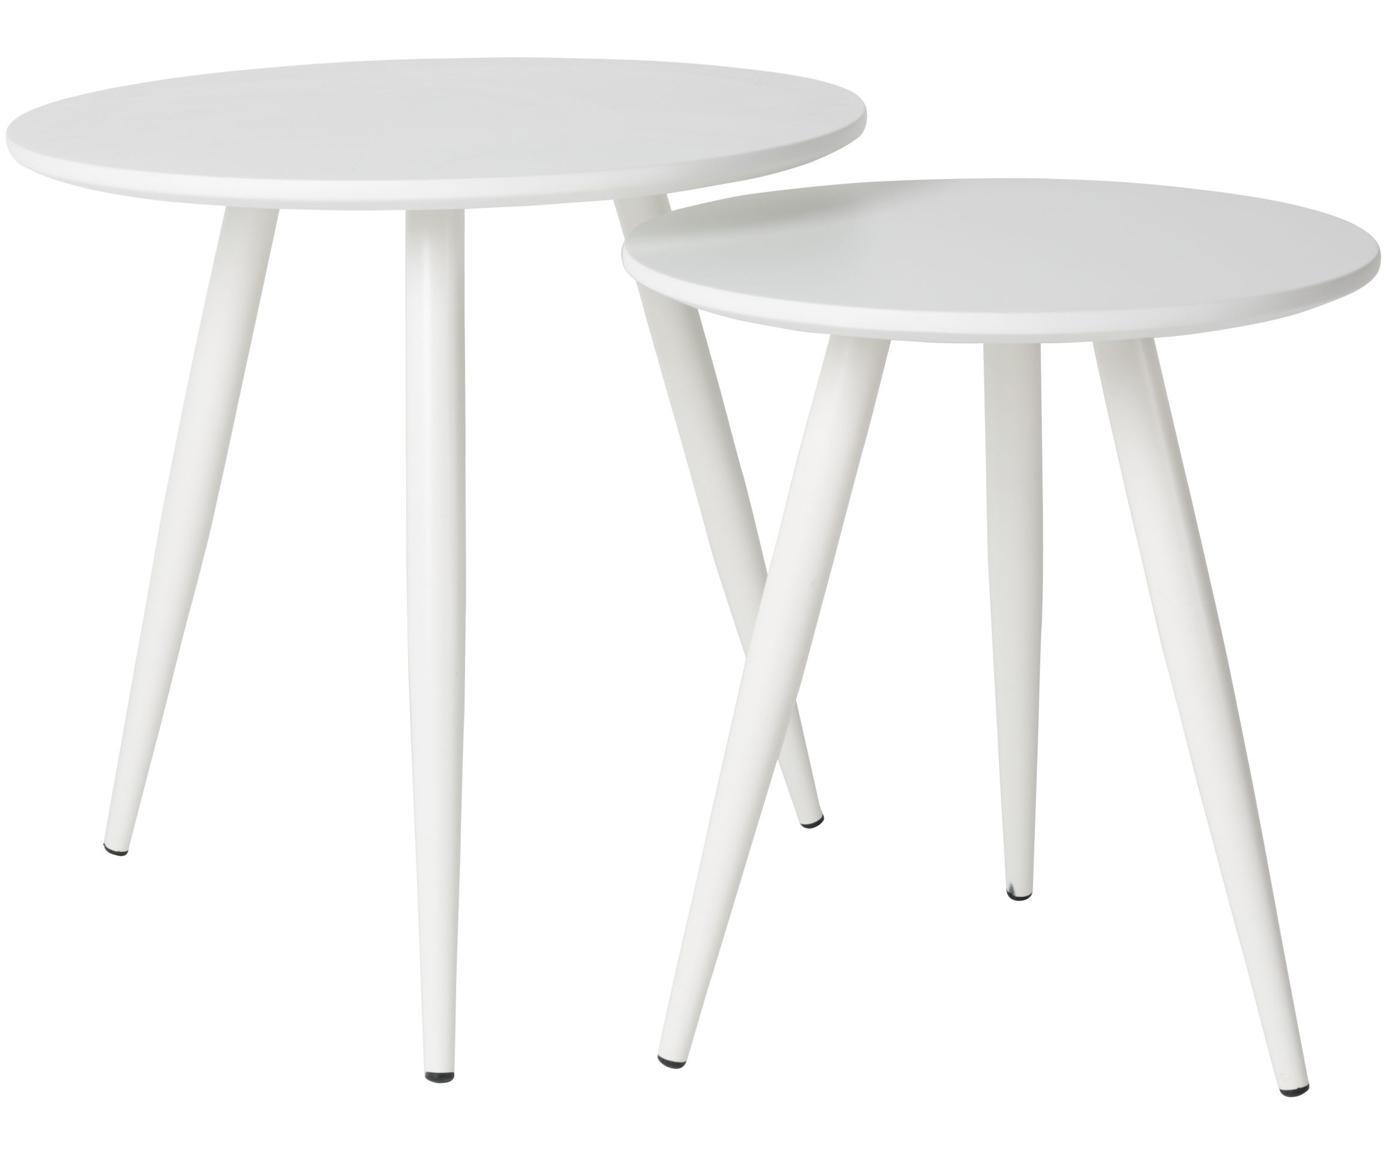 Beistelltisch 2er-Set Daven in Weiß, Tischplatte: Mitteldichte Faserplatte , Beine: Metall, pulverbeschichtet, Weiß, Sondergrößen